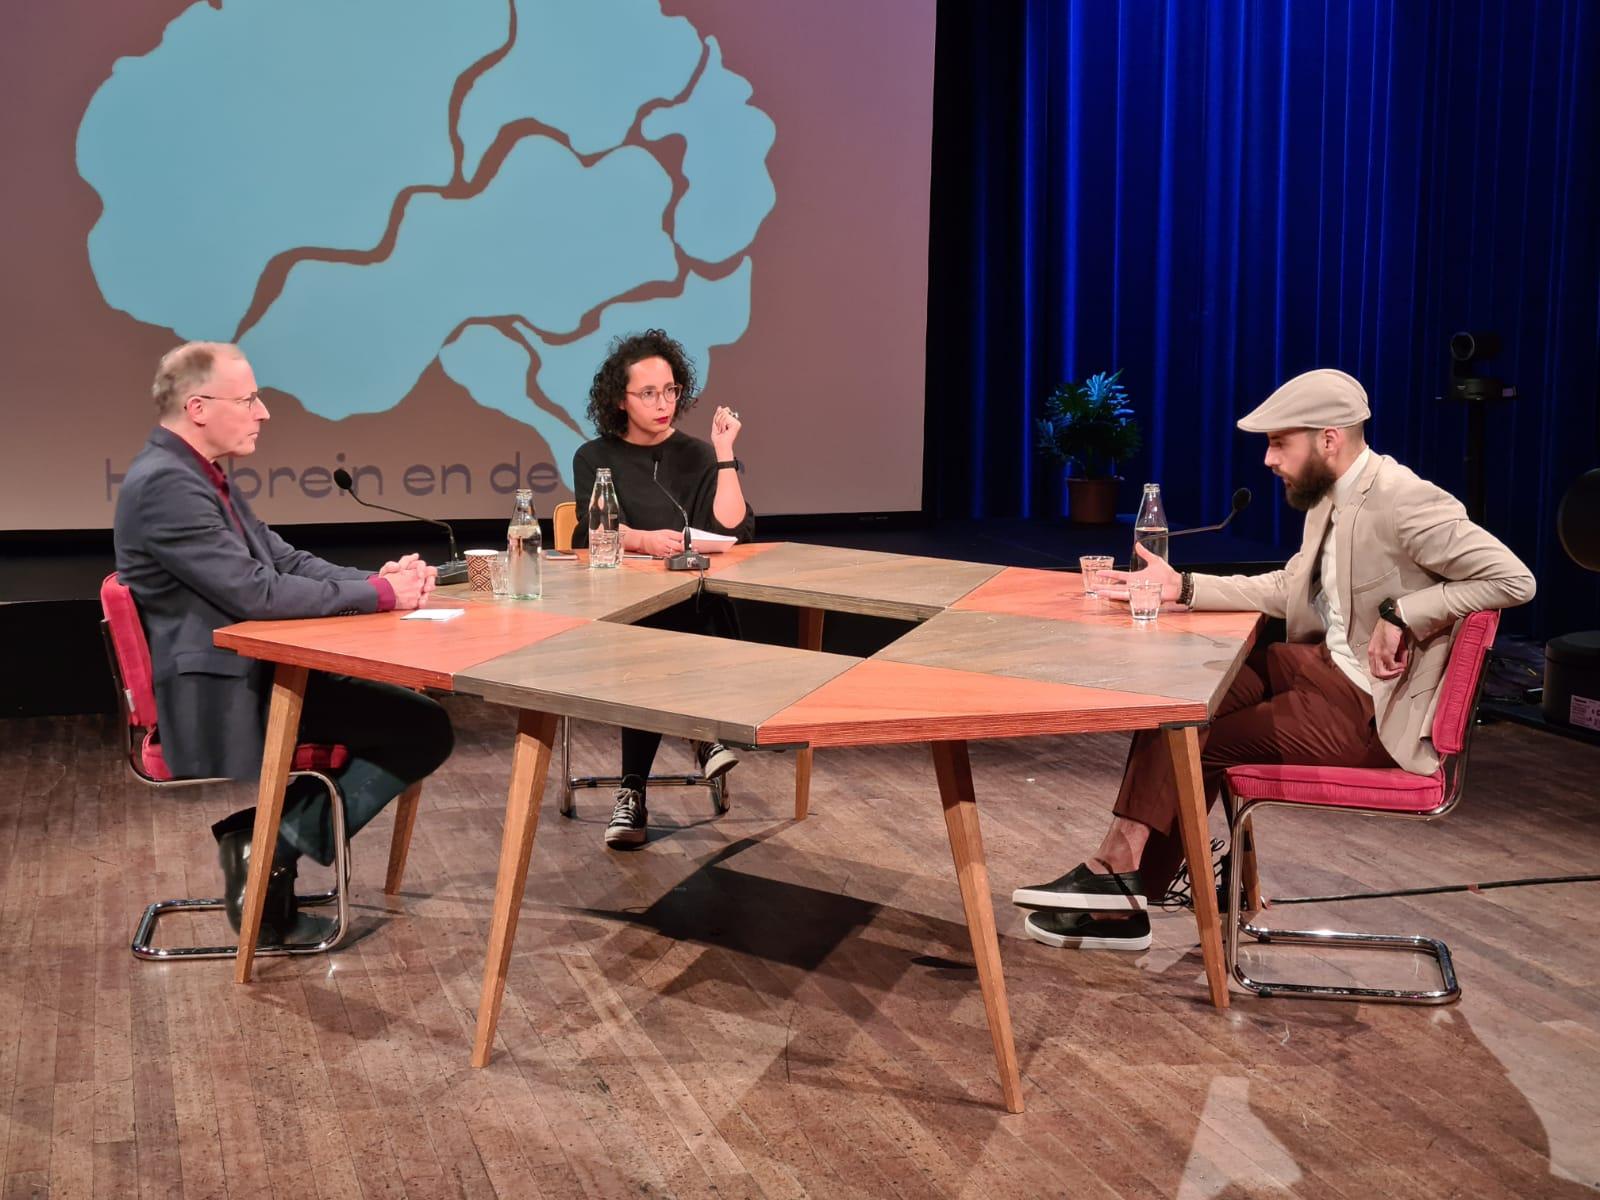 Karim Amghar , Jelle Jolles en Hasna el Maroudi aan tafelfel